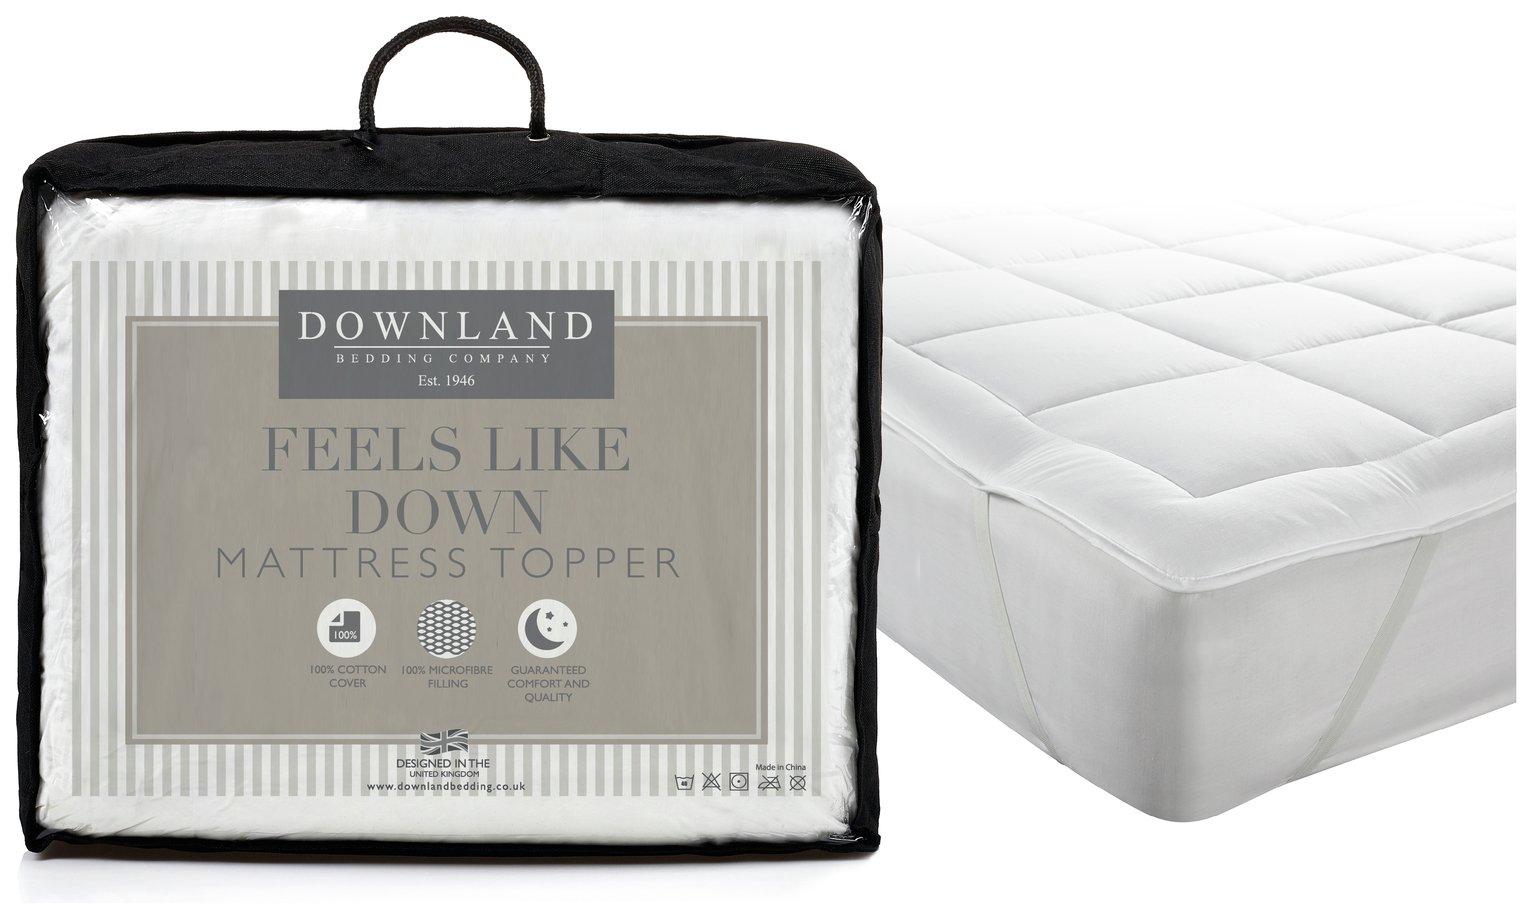 Downland Feels Like Down Mattress Topper - Kingsize